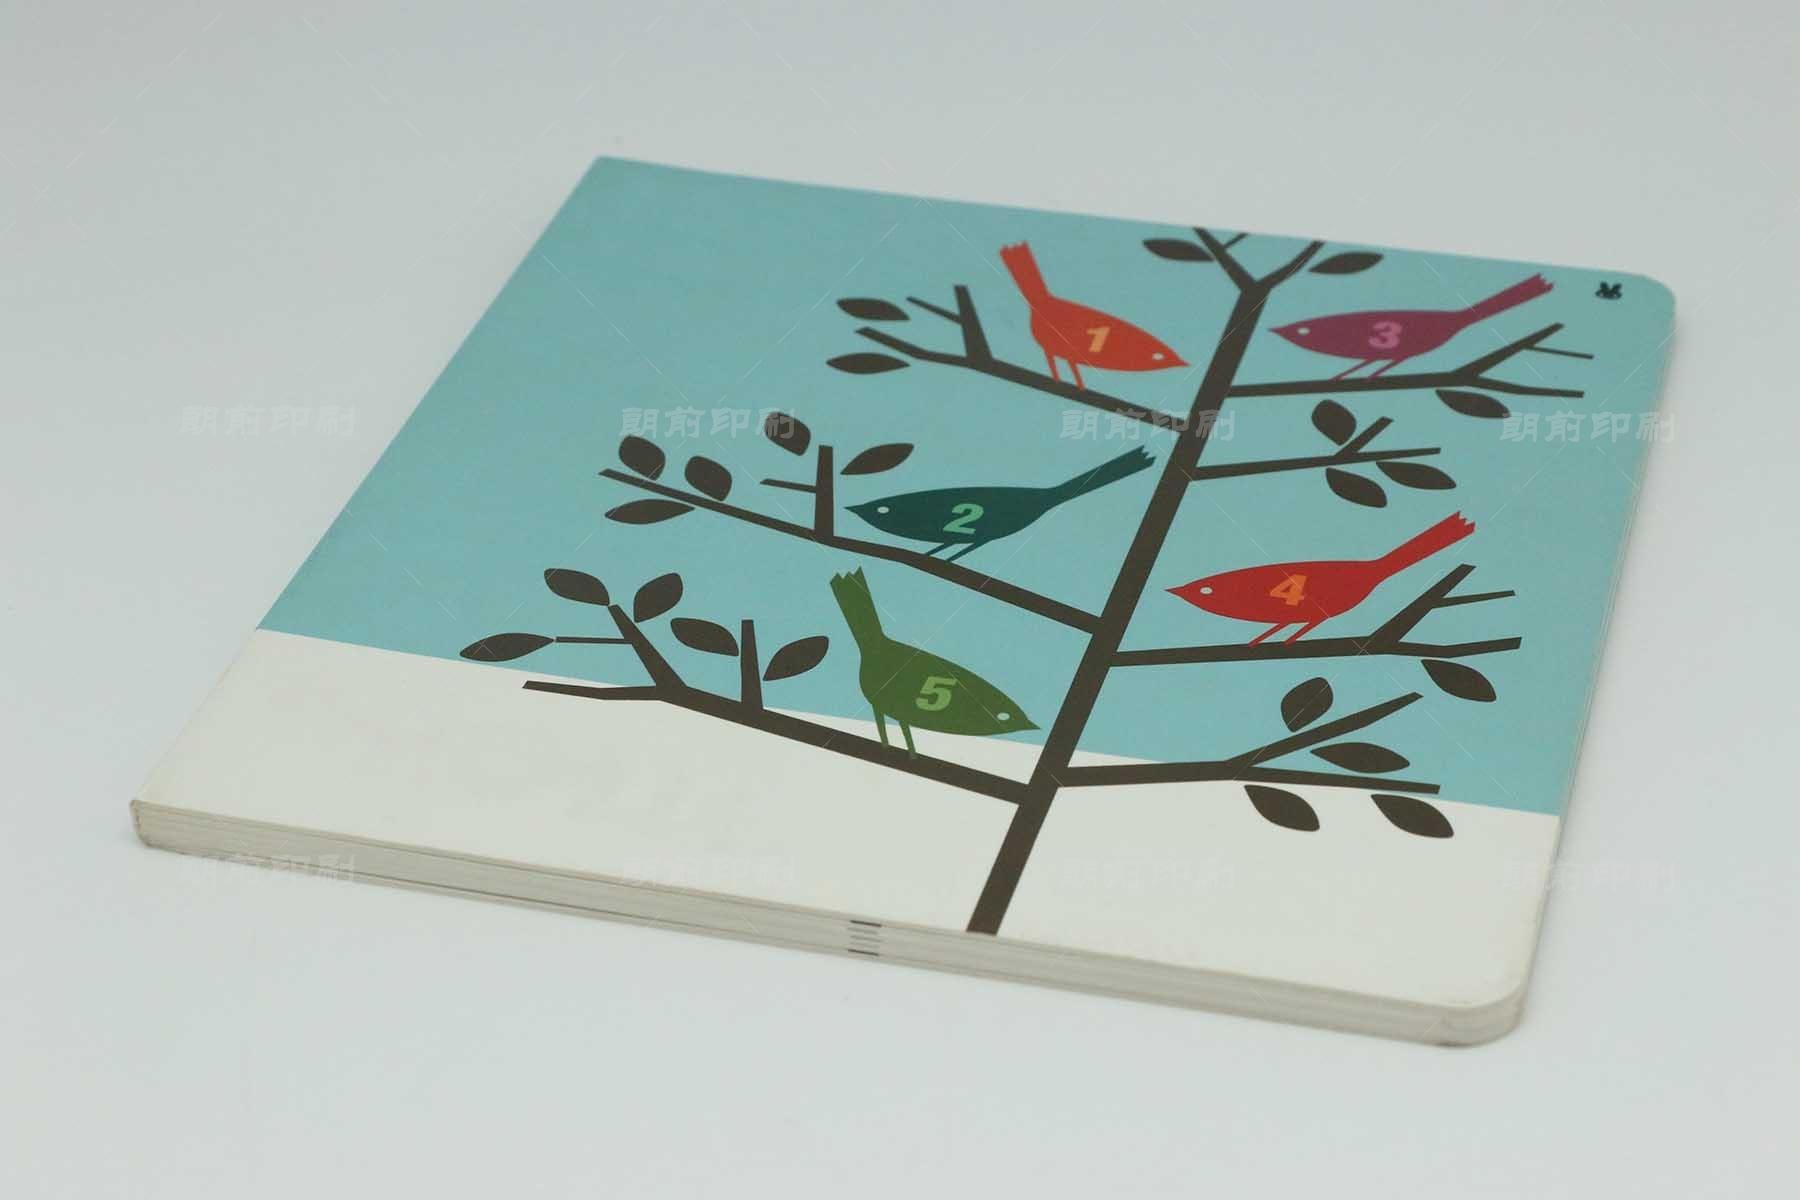 广州画册彩色印刷公司 广州叫印刷厂做一本画册多少钱